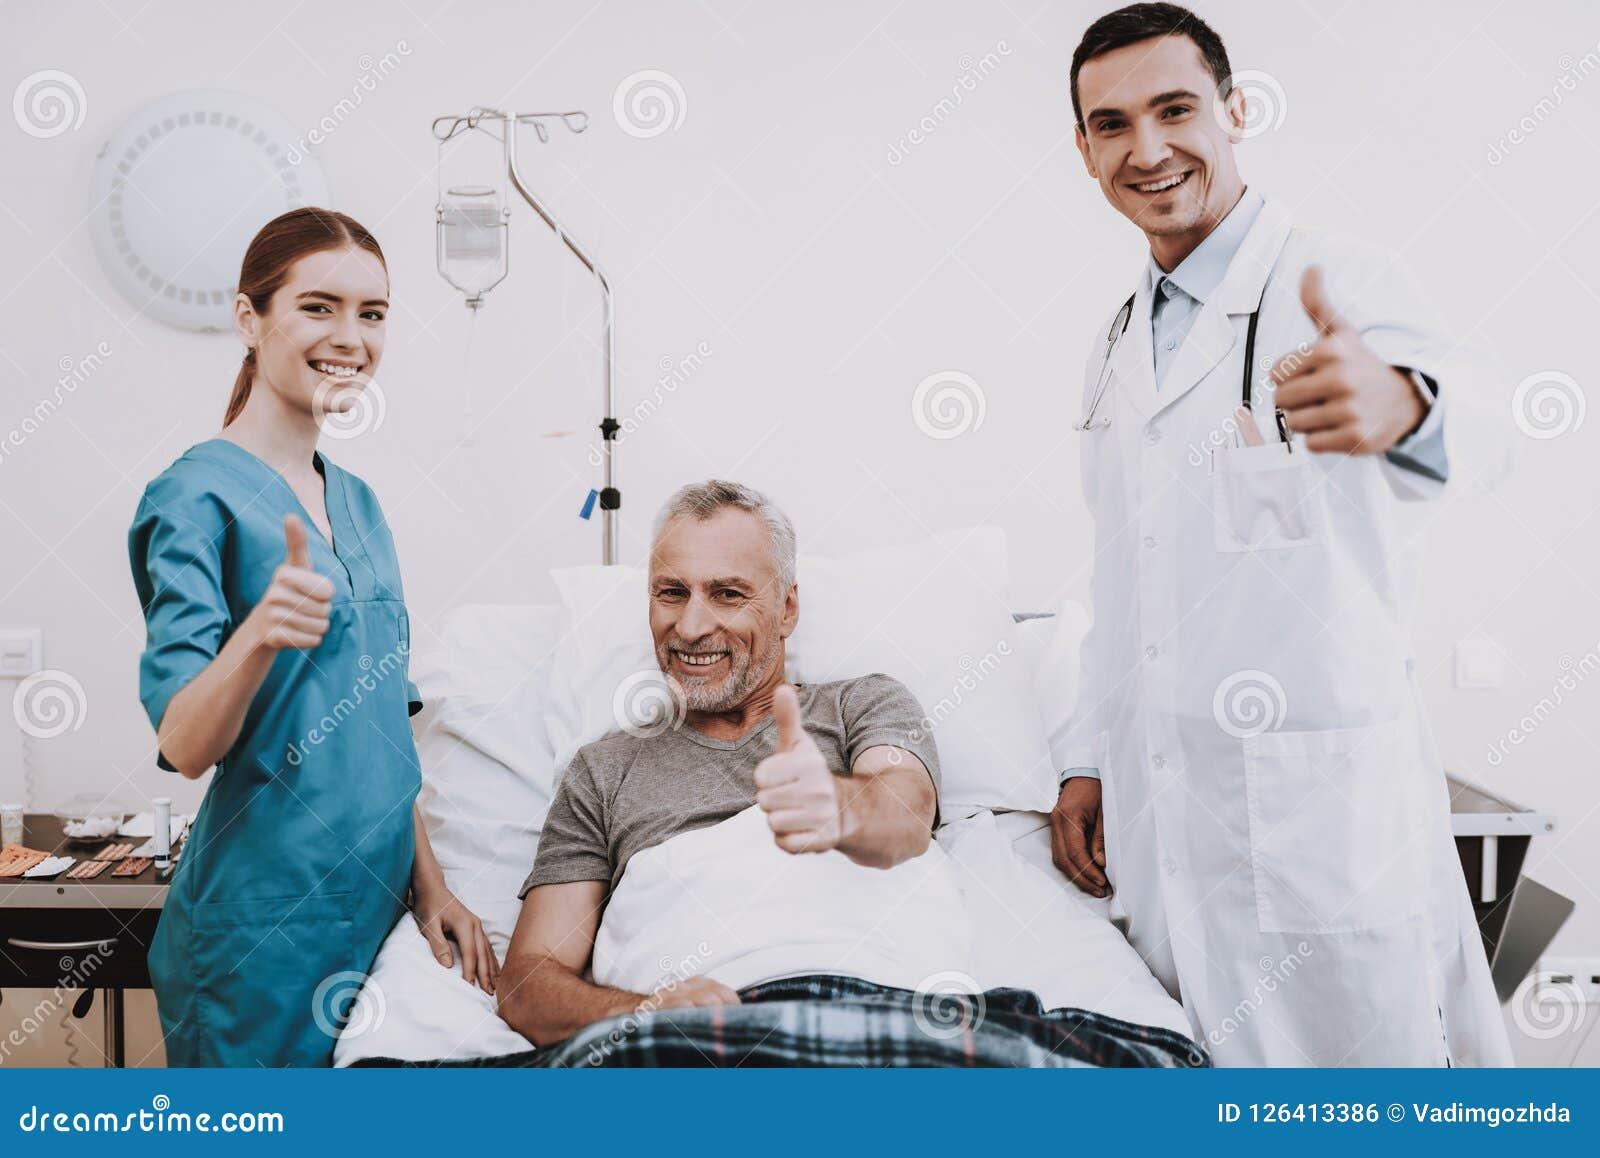 Doktor und Krankenschwester in Clinik Therapie in der Klinik